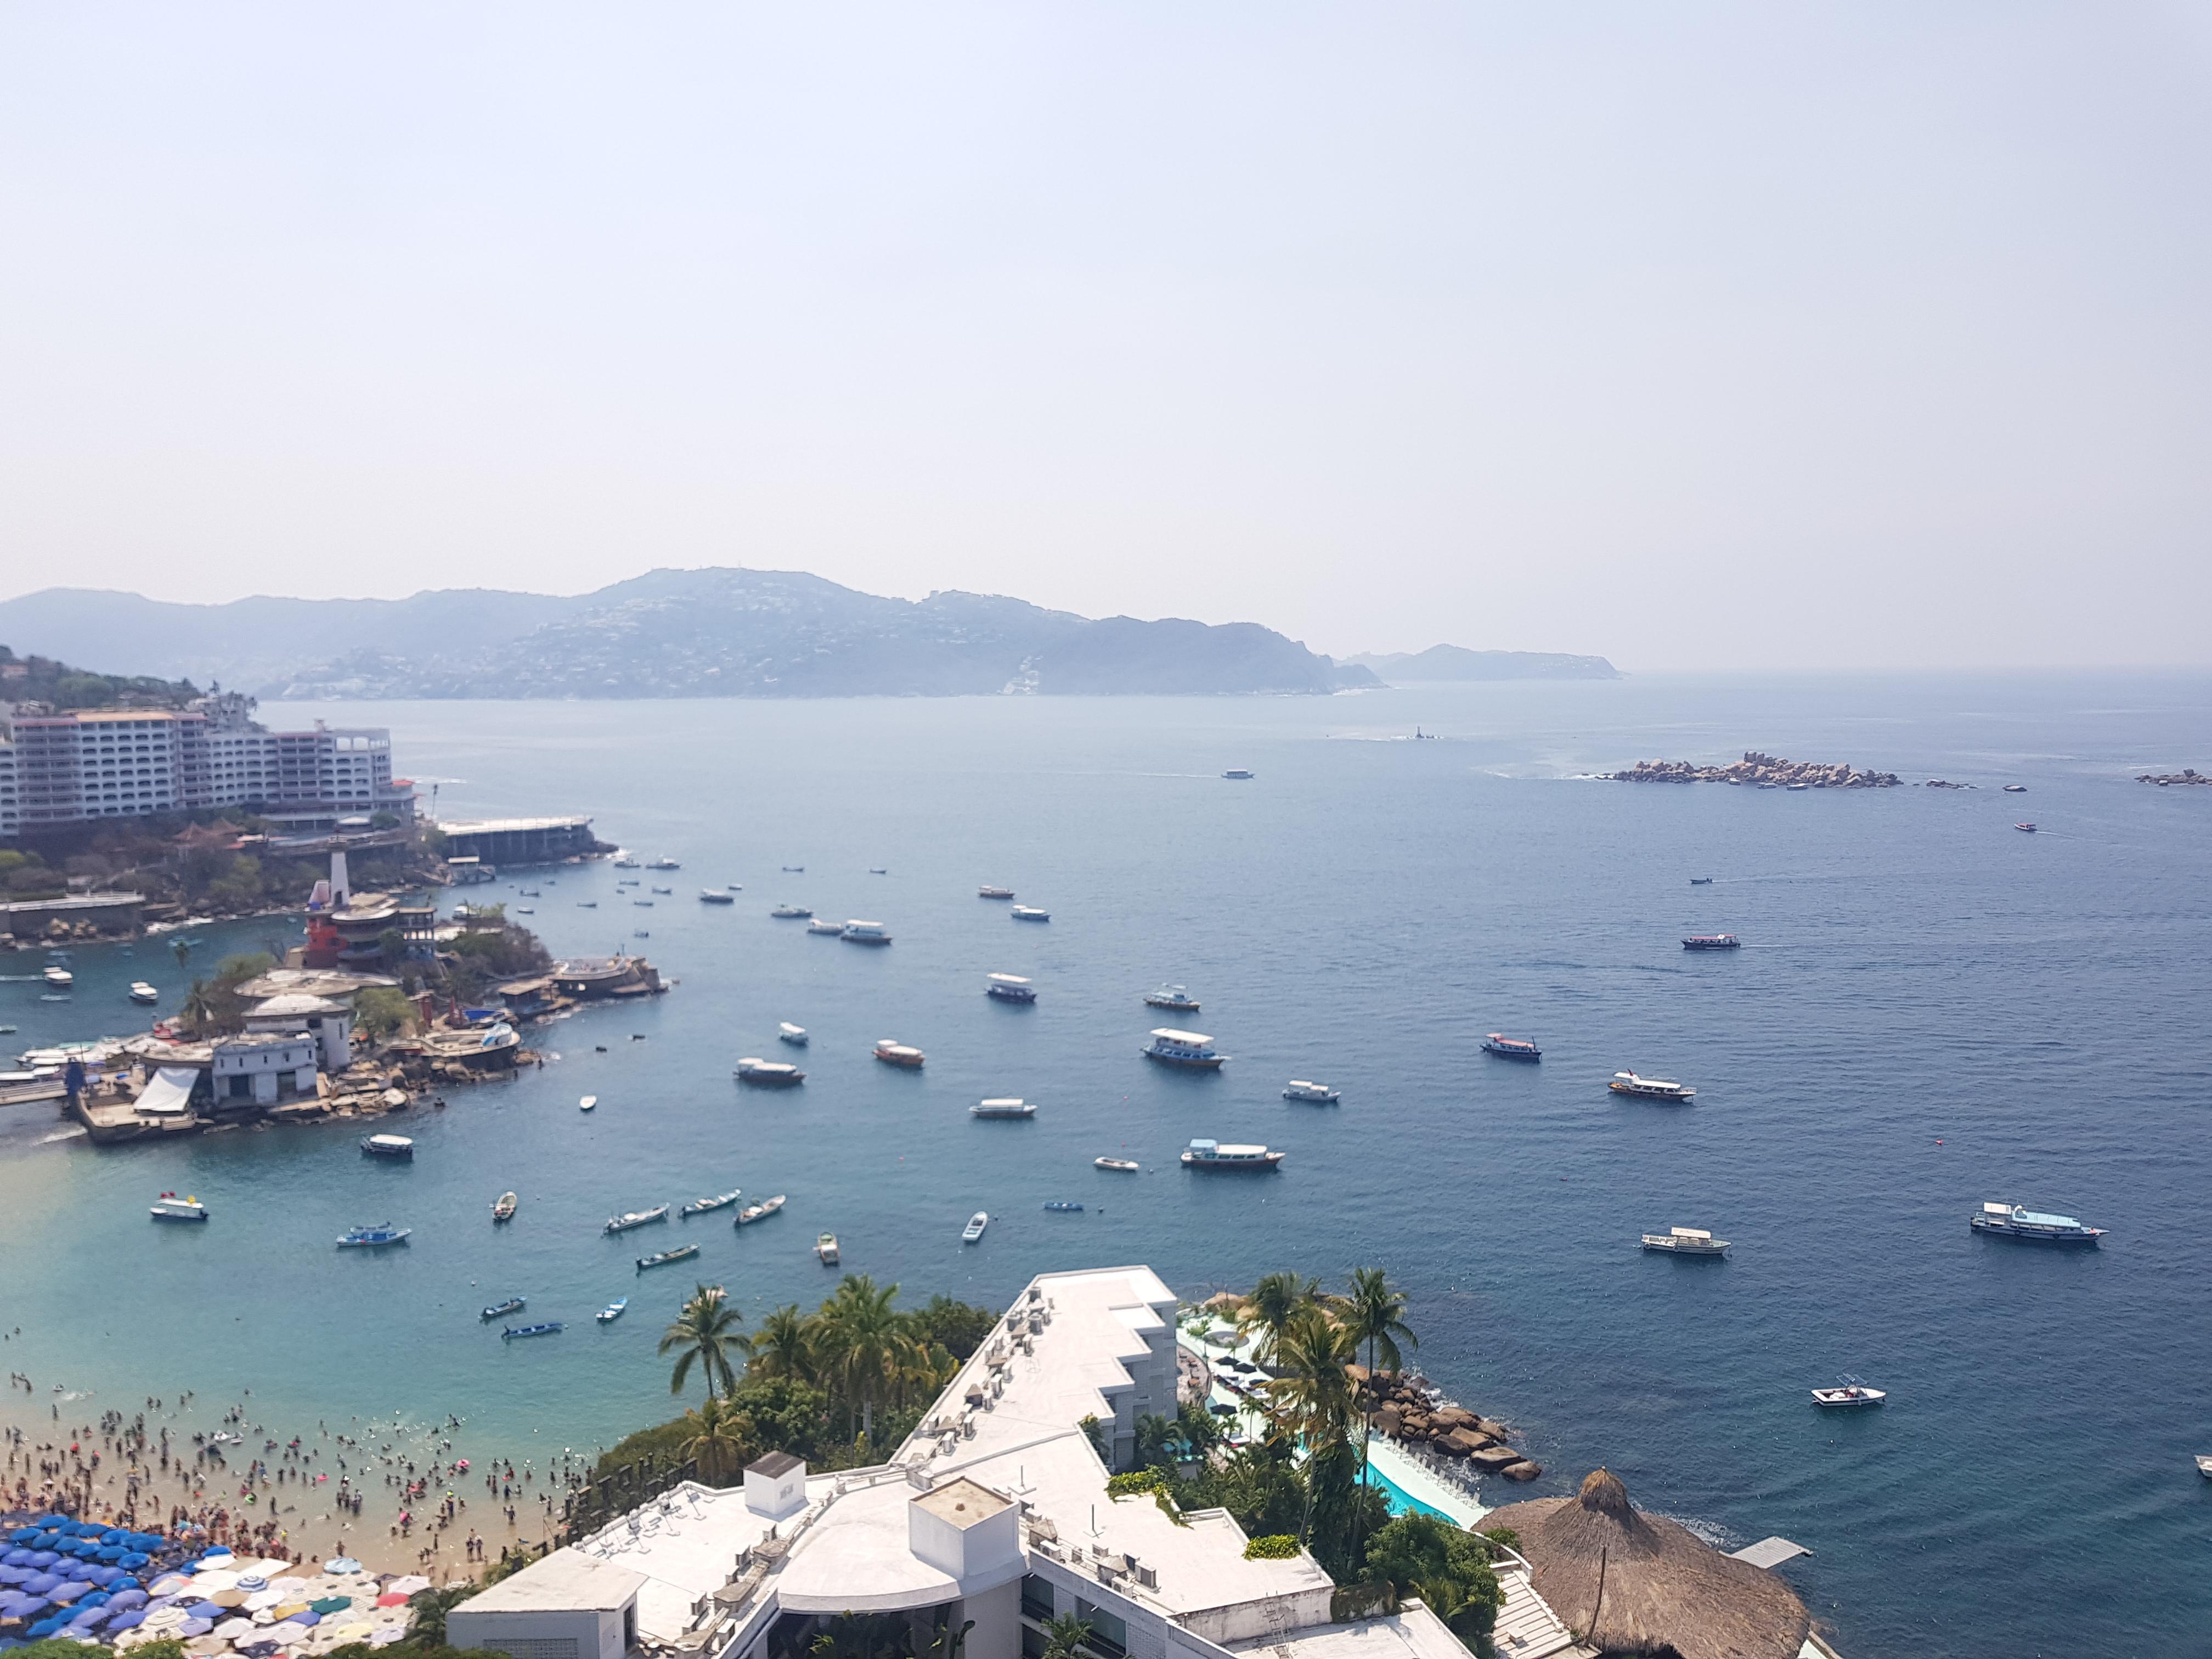 Vendo departamento en Brisas de Boca Chica en Acapulco, Guerrero